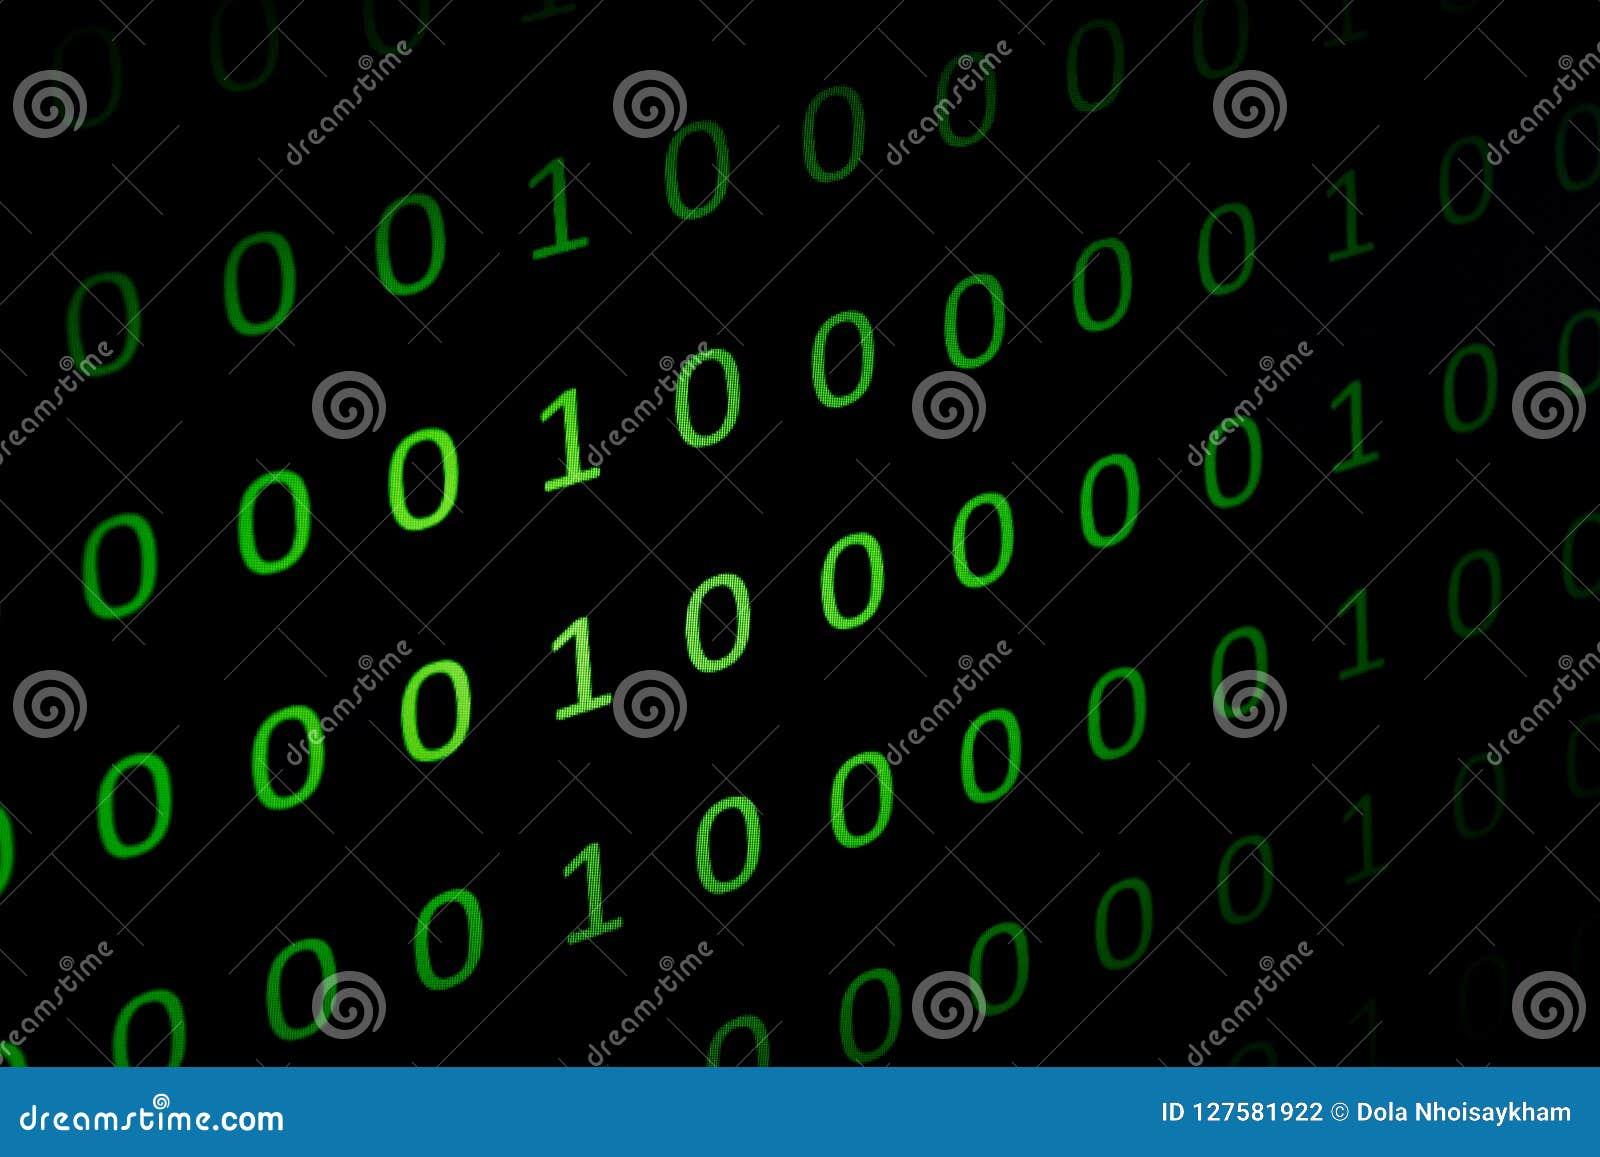 Αριθμητικός συνεχής, abctract στοιχεία στο δυαδικό κώδικα, δίνει την κατάρριψη τεχνολογίας